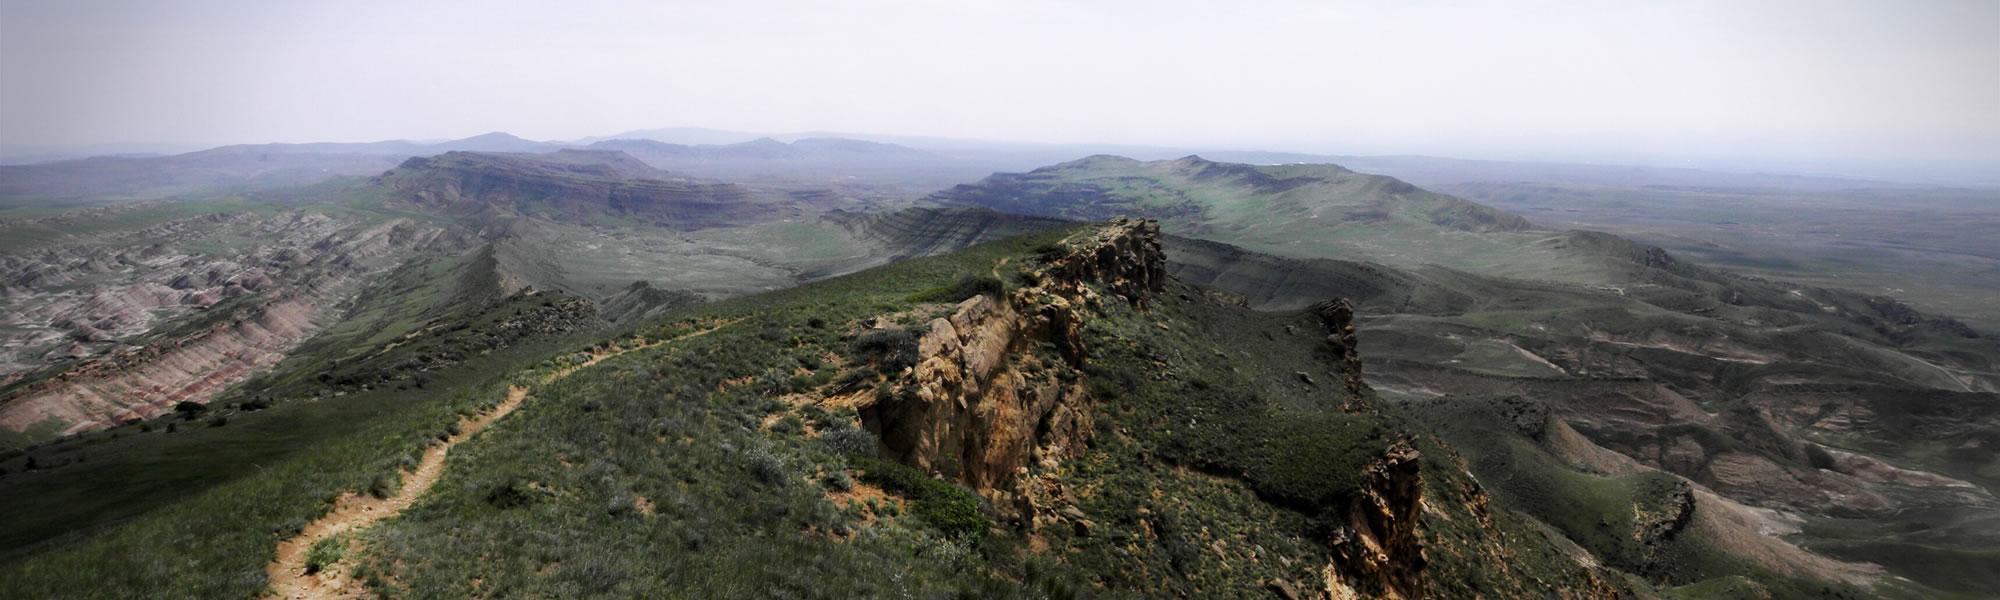 gruzie-panorama-011